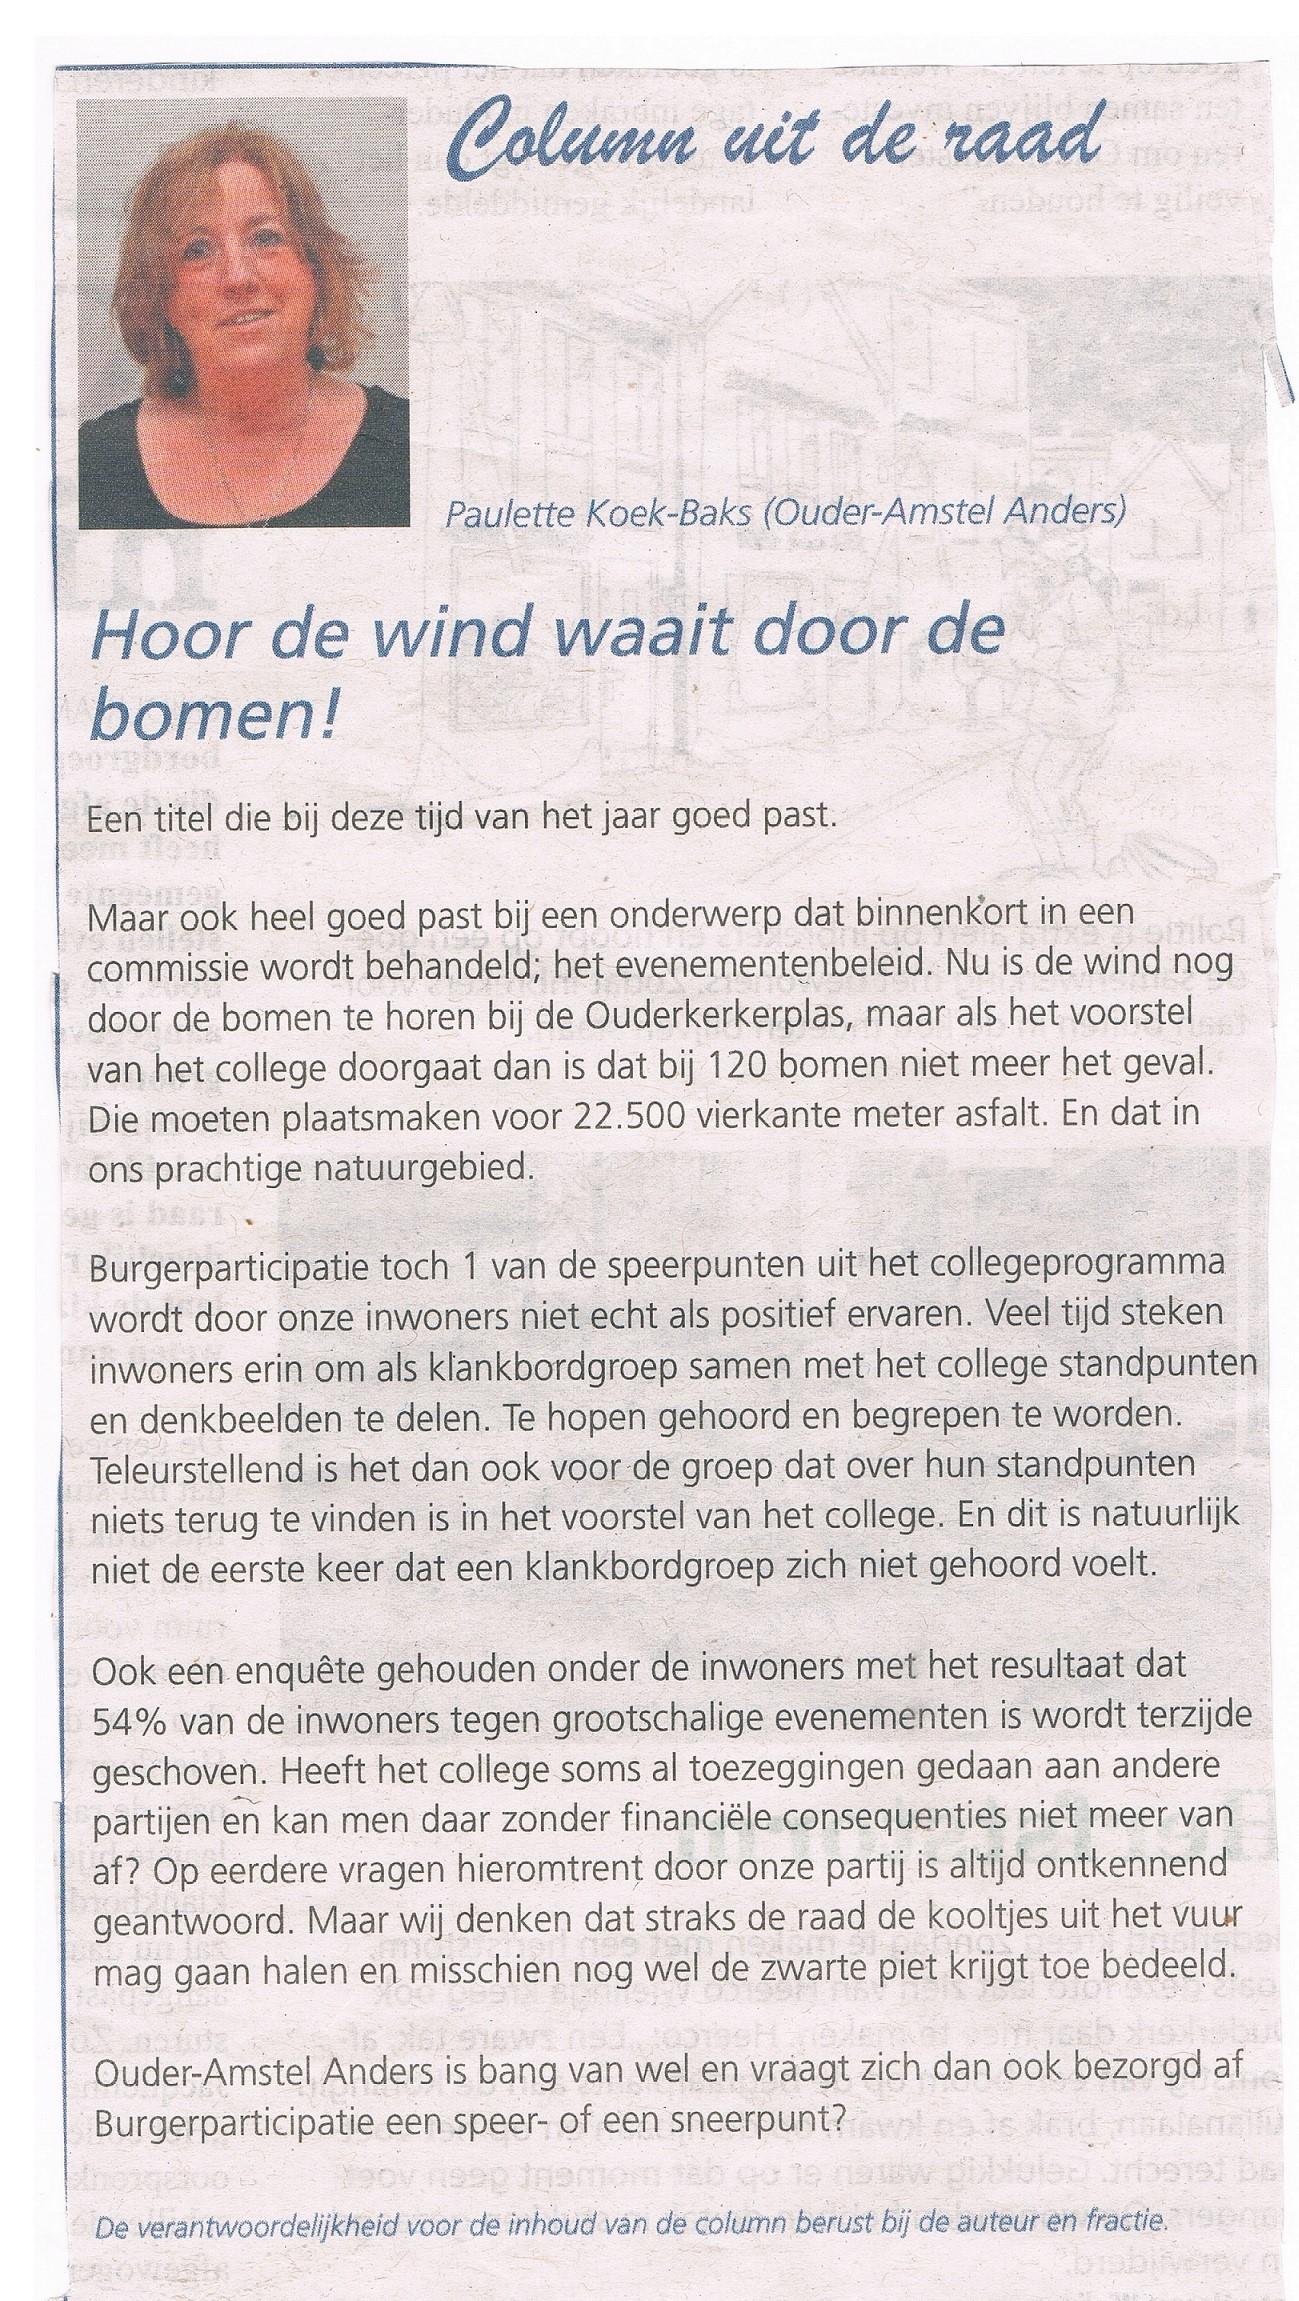 23-11-2016-hoor-de-wind-waait-door-de-bomen